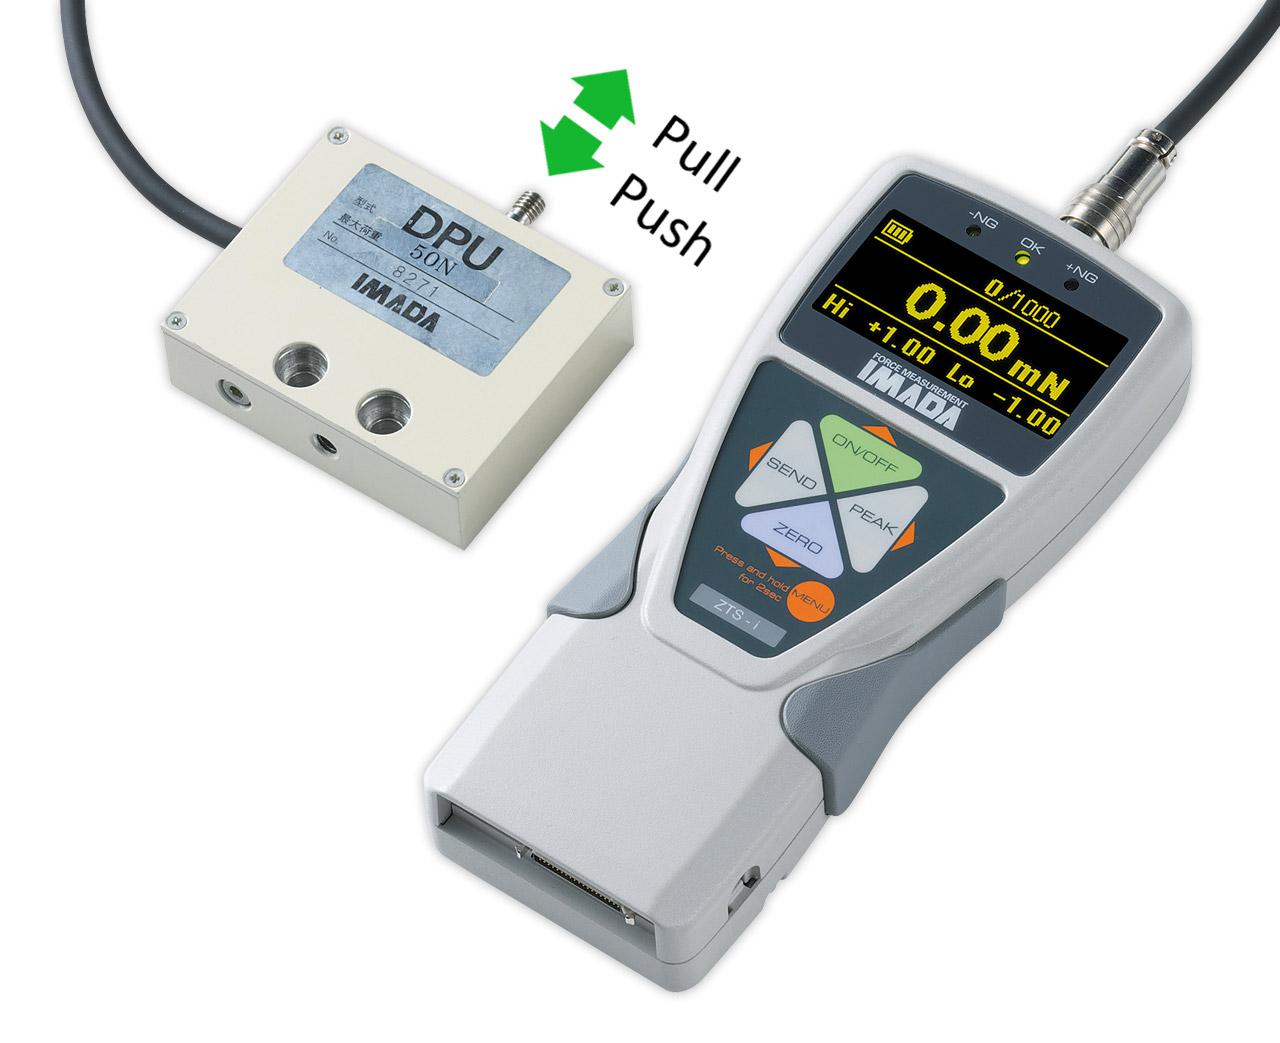 Thiết bị đo lực điện tử cảm biến ngoài ZTS-DPU-5000N Imada